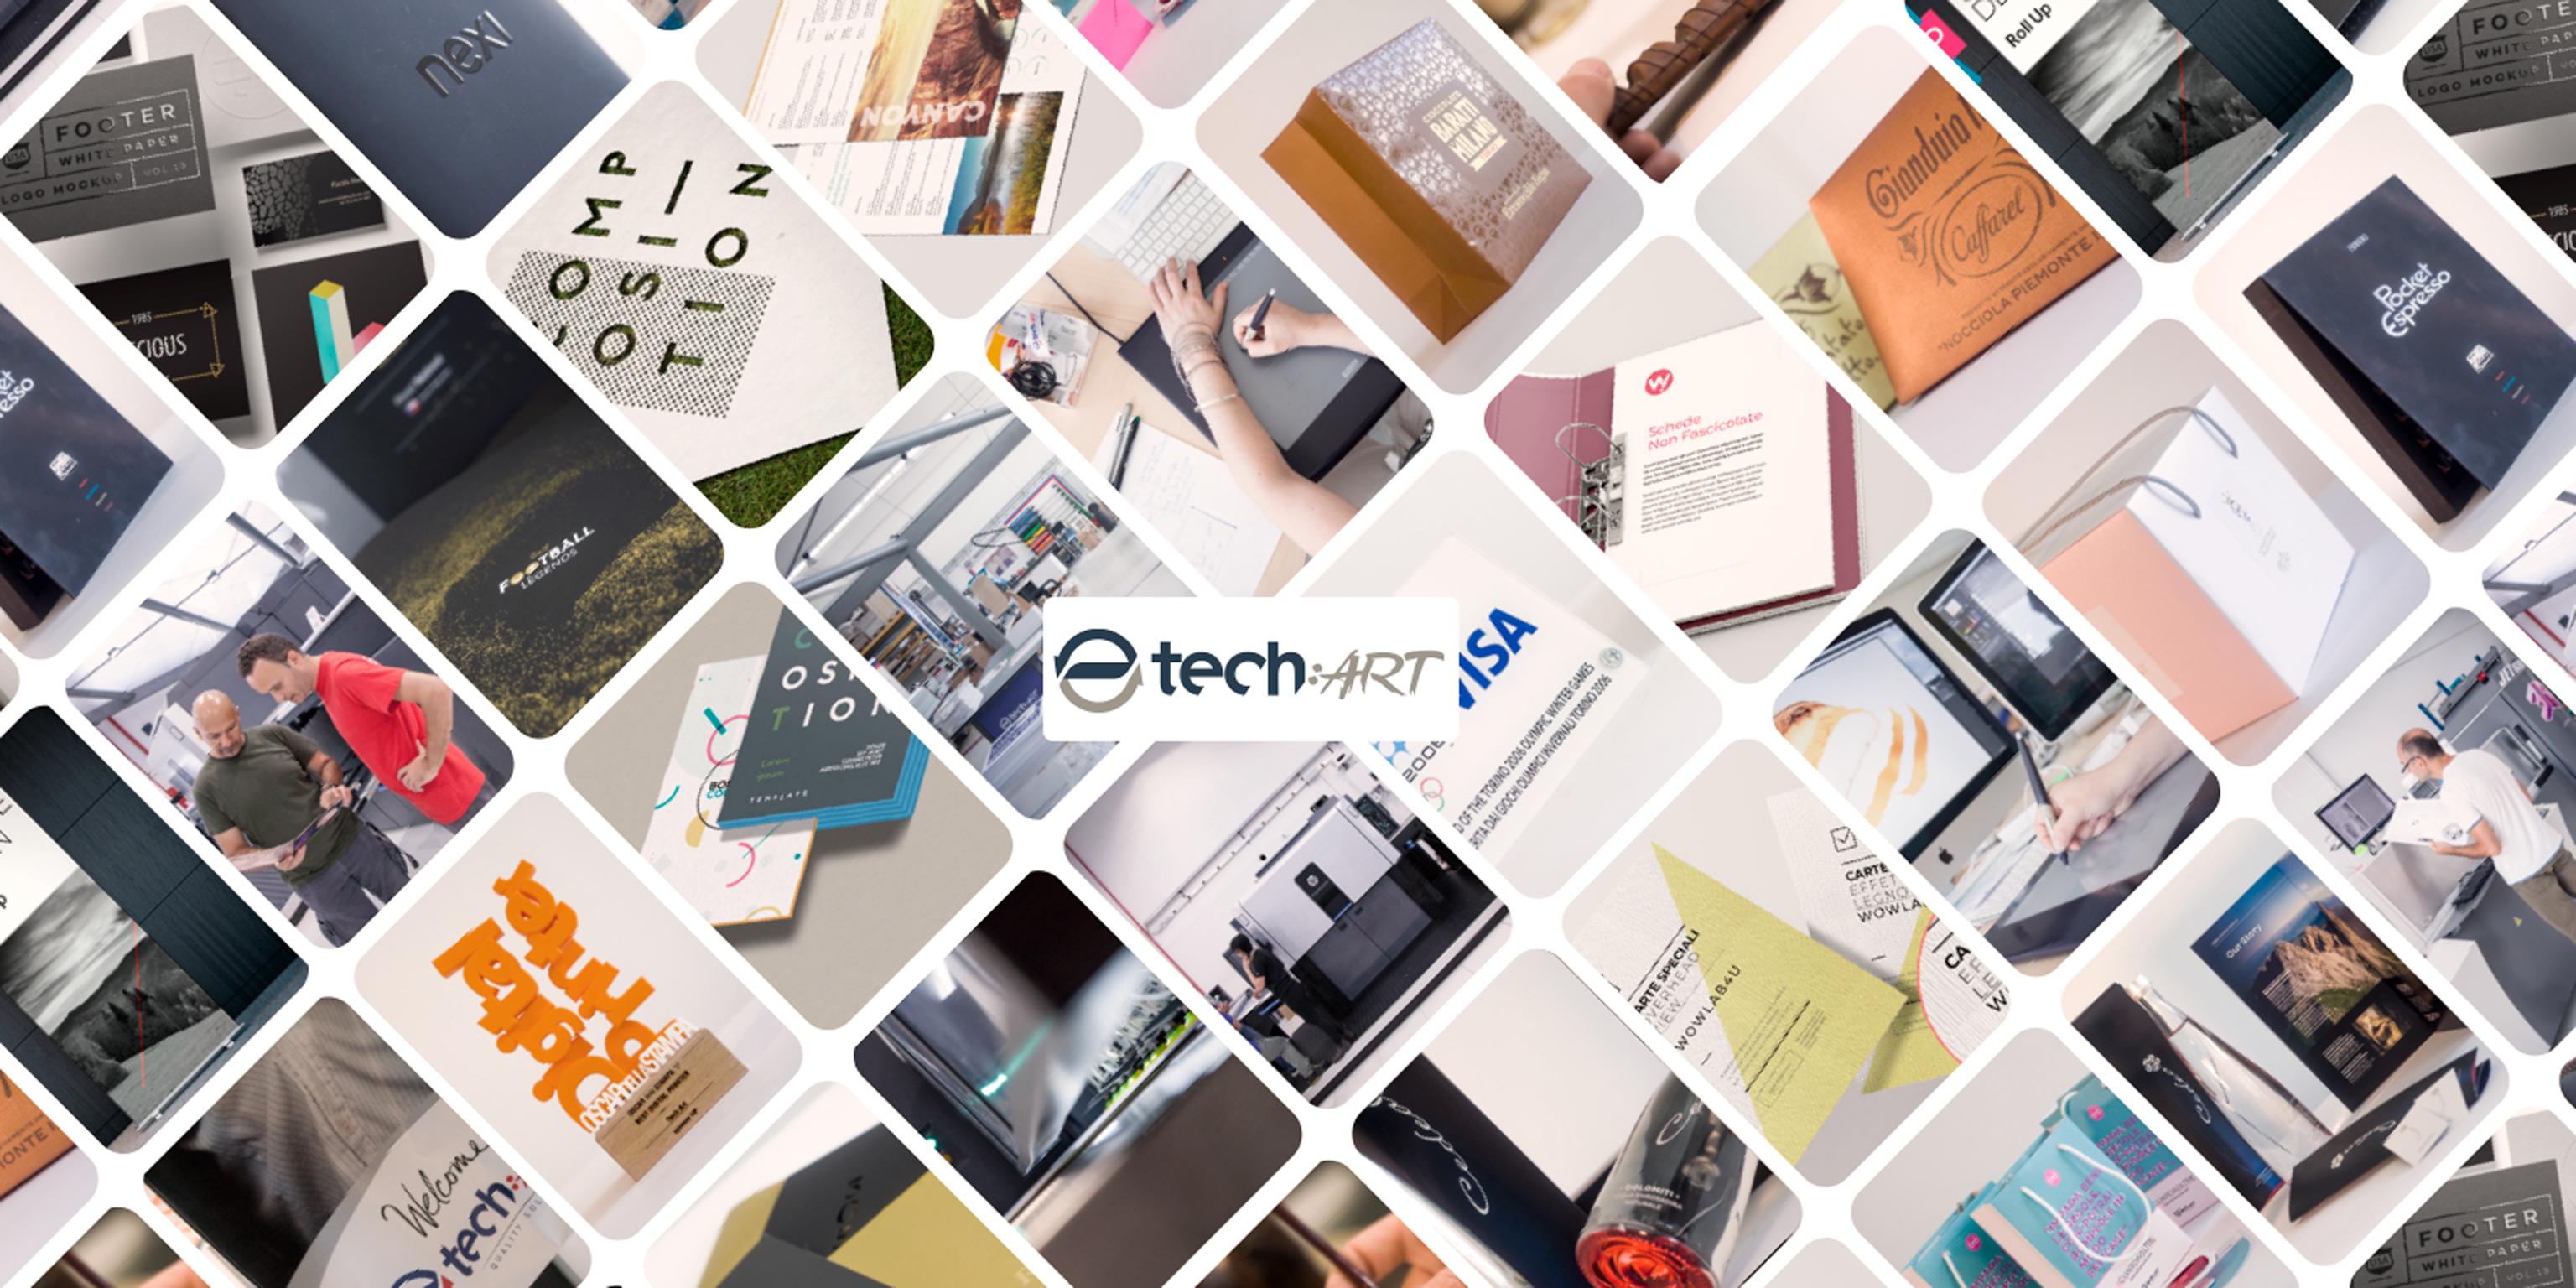 Tech:art | Condidatura Agente di Commercio